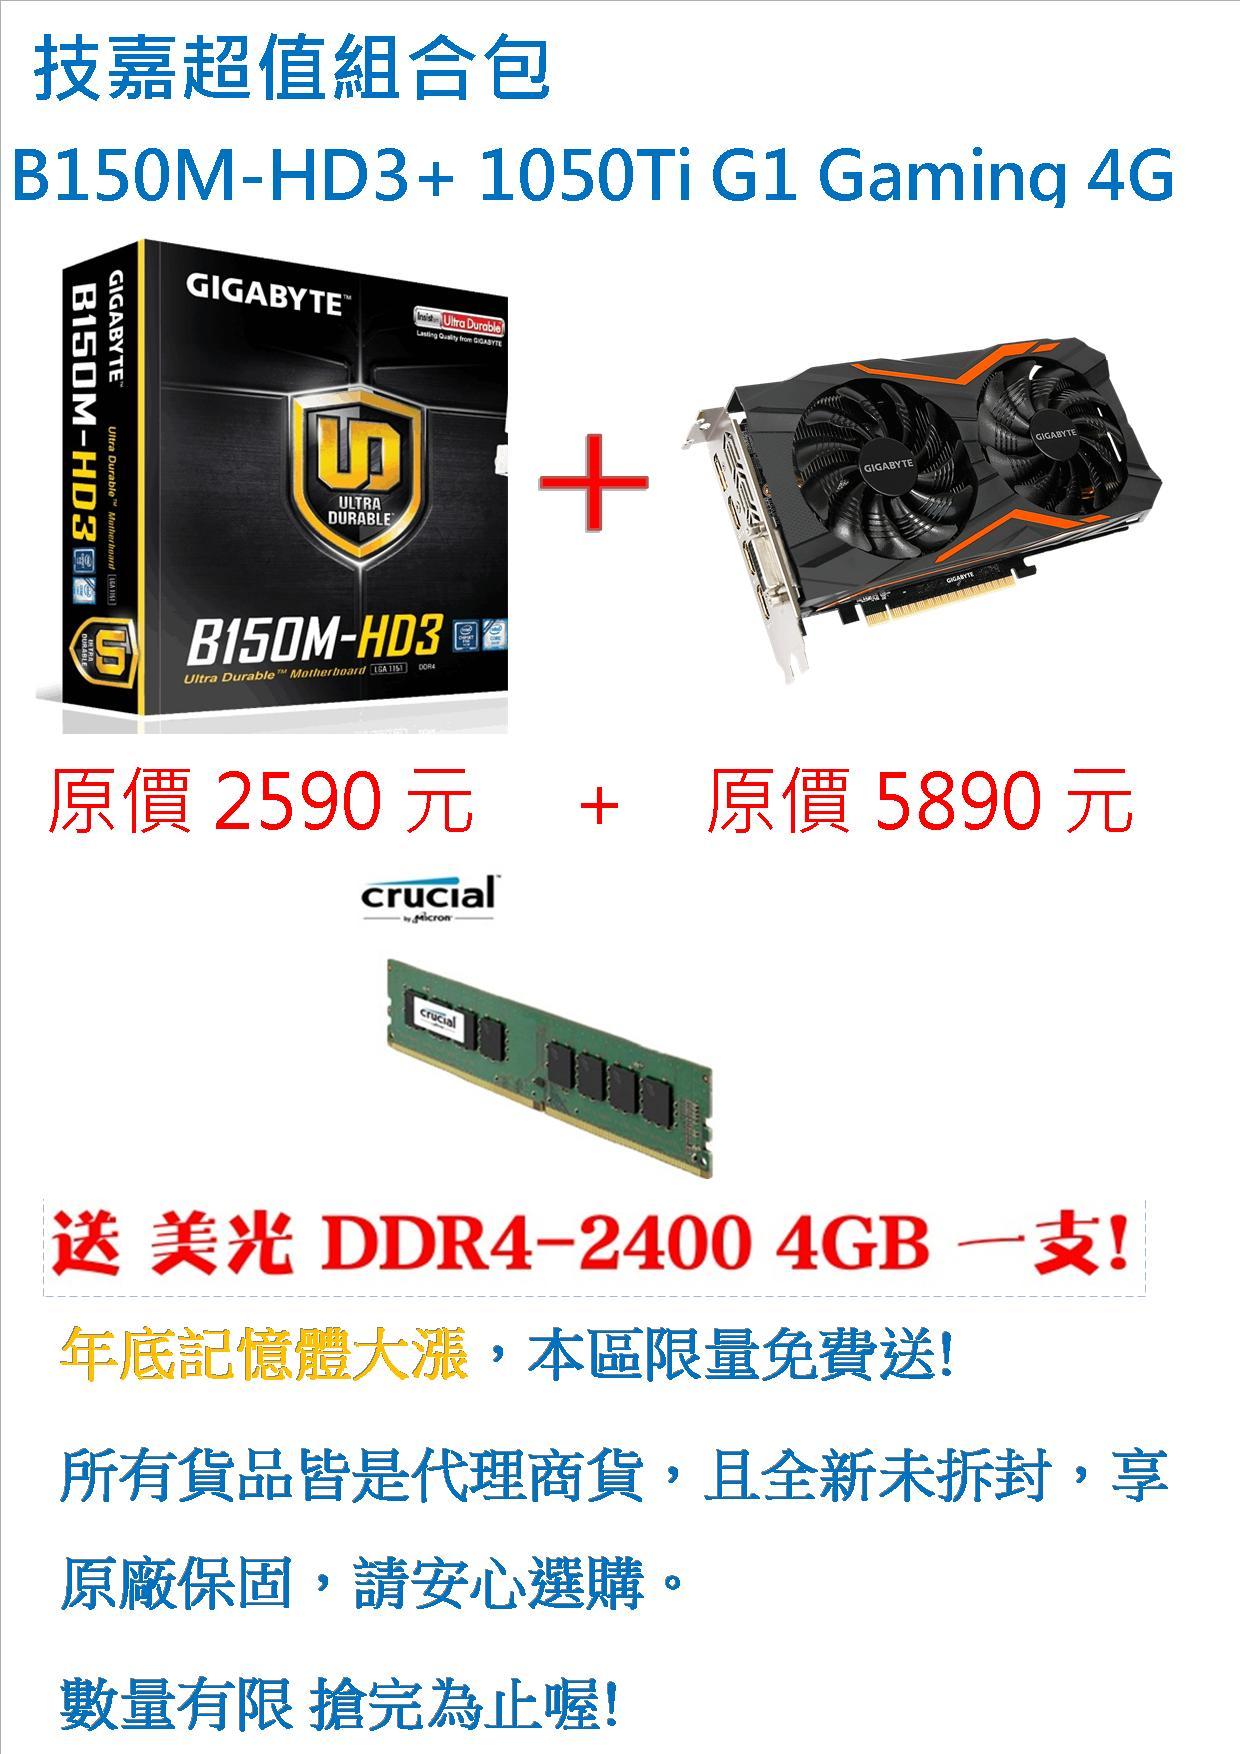 技嘉 B150M-HD3 + GTX 1050 Ti G1.Gaming 4G GIGABYTE 主機板 (送DDR4 4G )